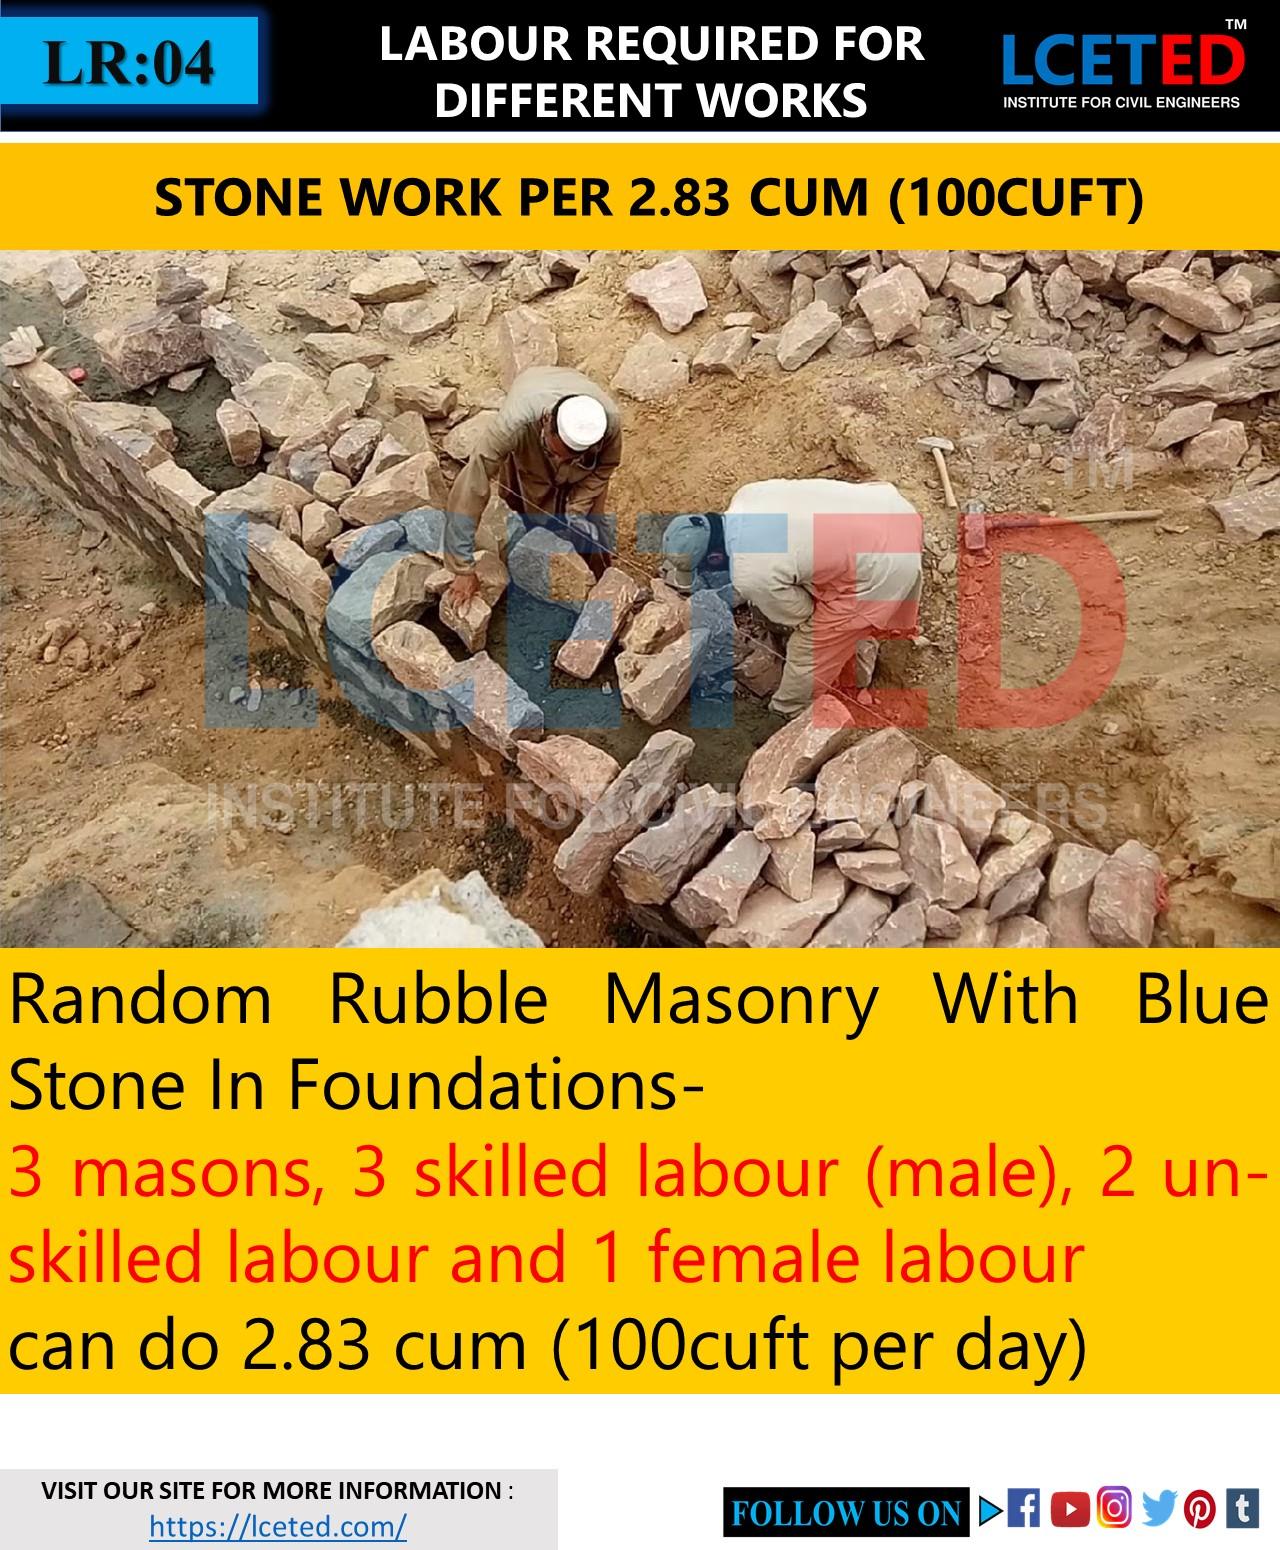 LABOUR MANAGEMENT IN CONSTRUCTION